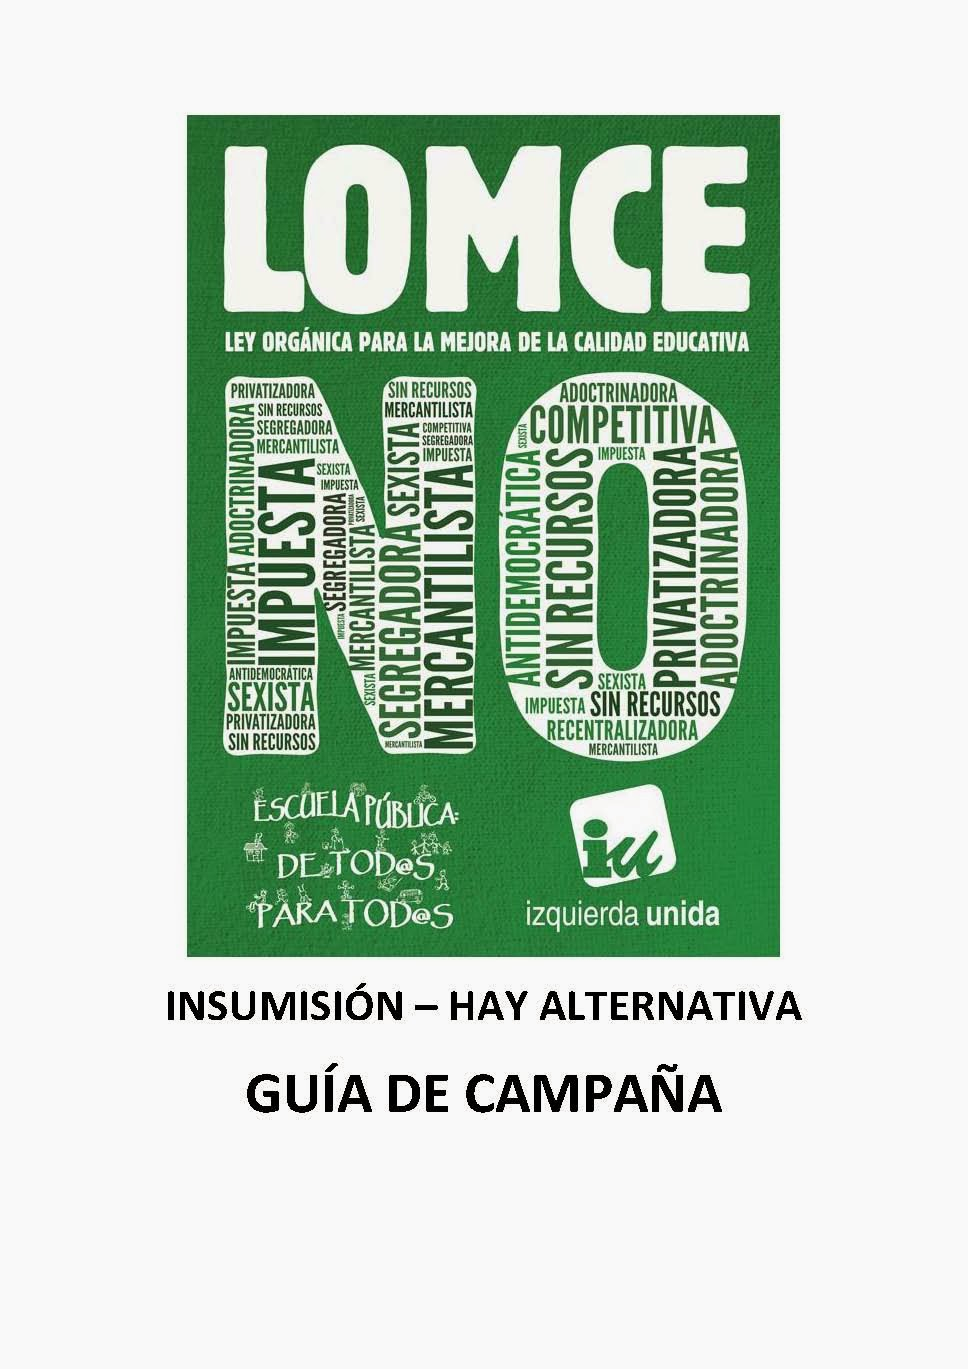 """GUÍA DE CAMPAÑA """"LOMCE NO: INSUMISIÓN / HAY ALTERNATIVA"""" (IU)"""